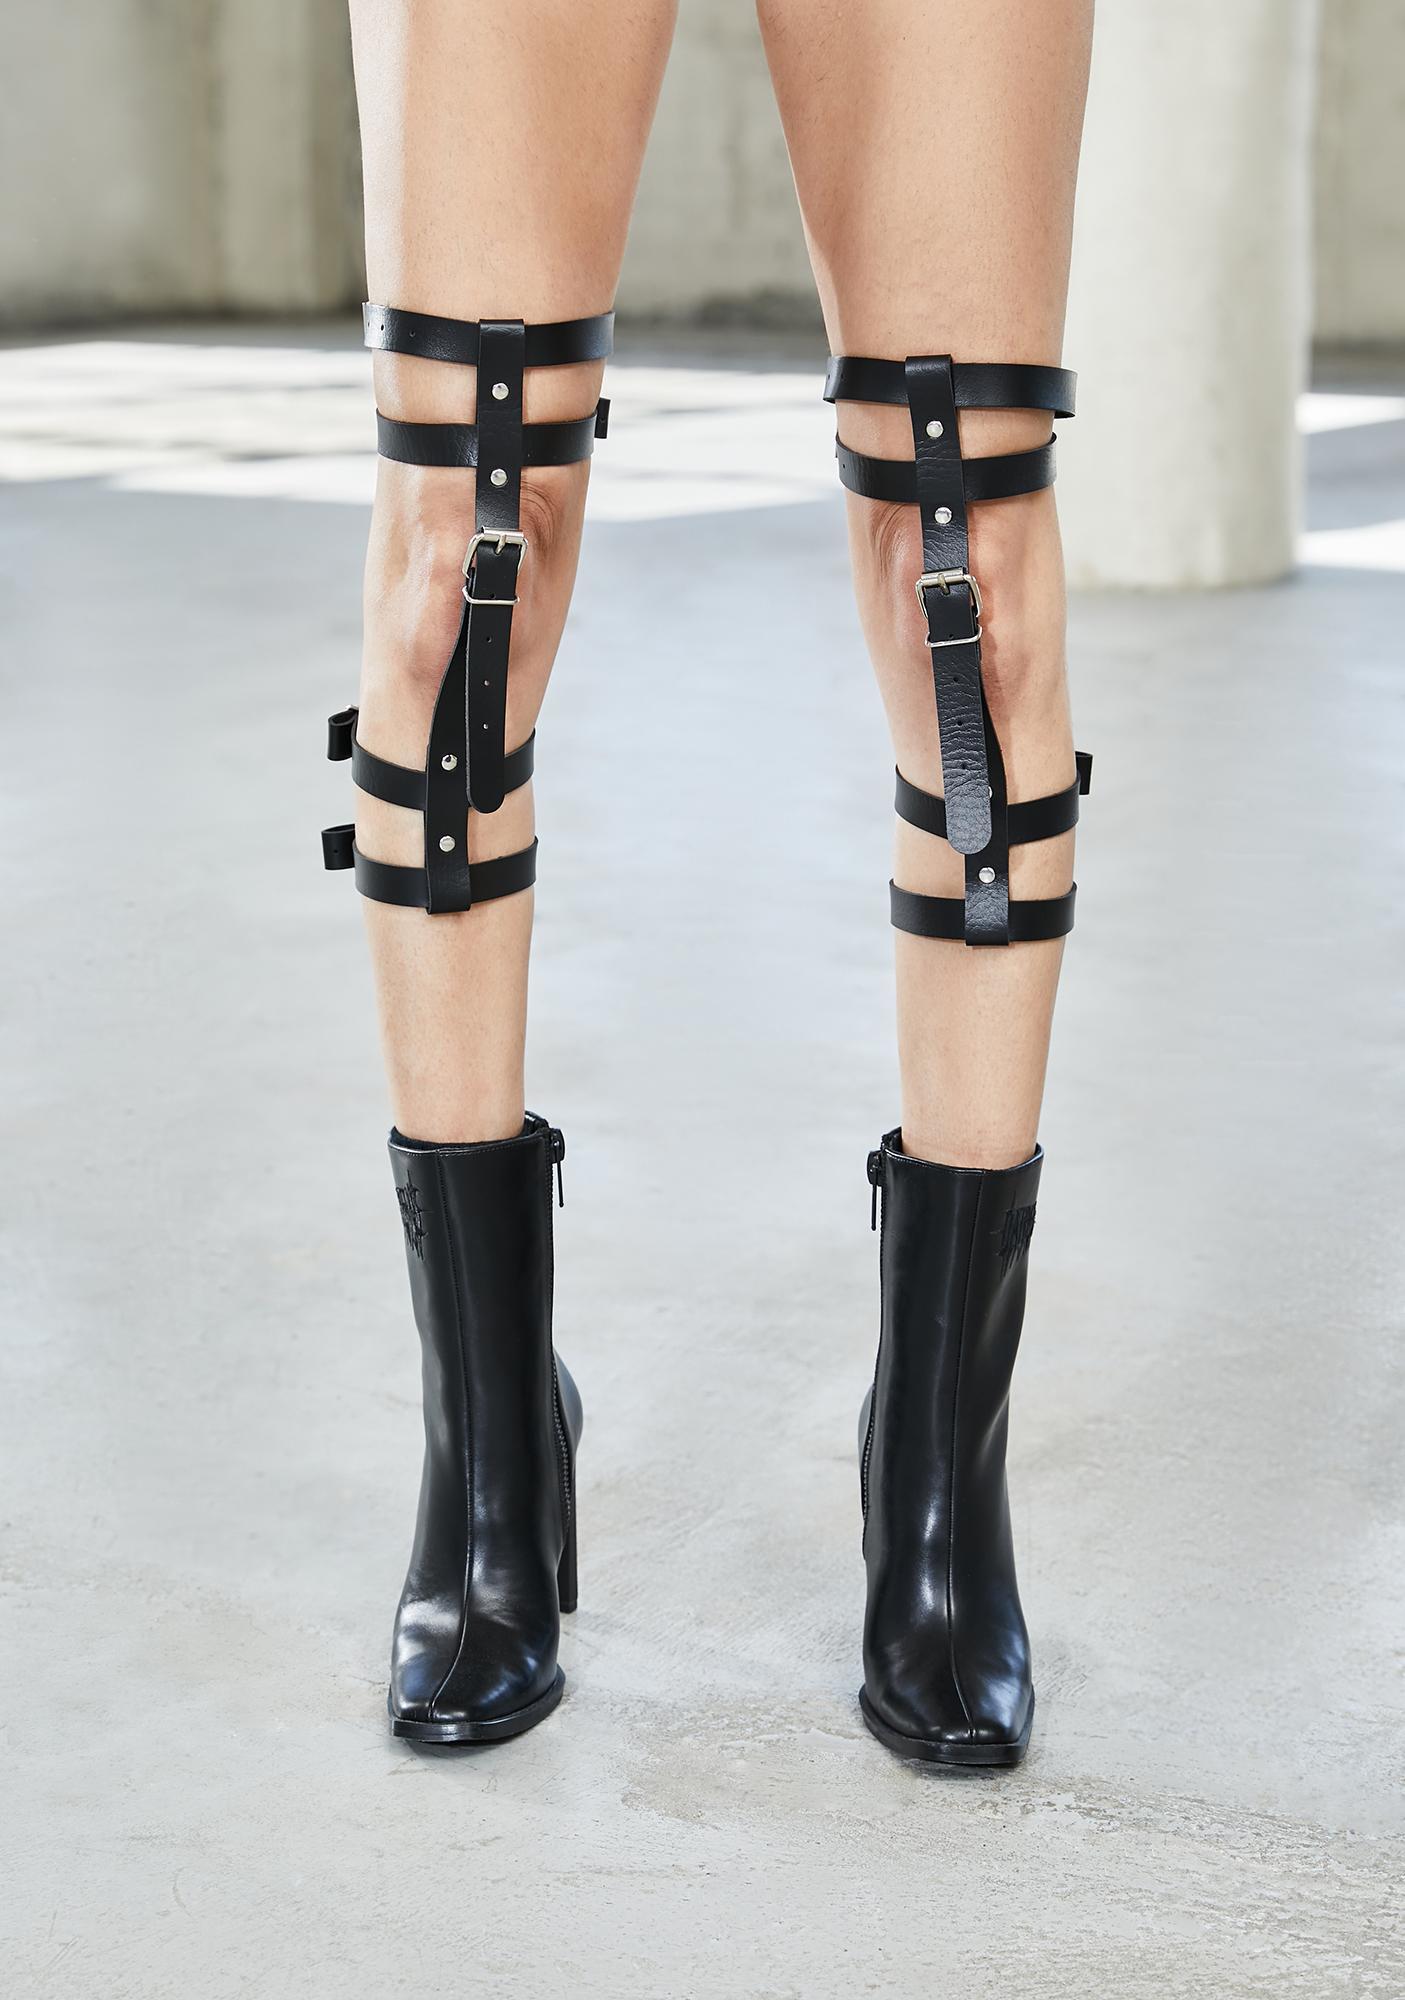 Bassline Leg Harness Set